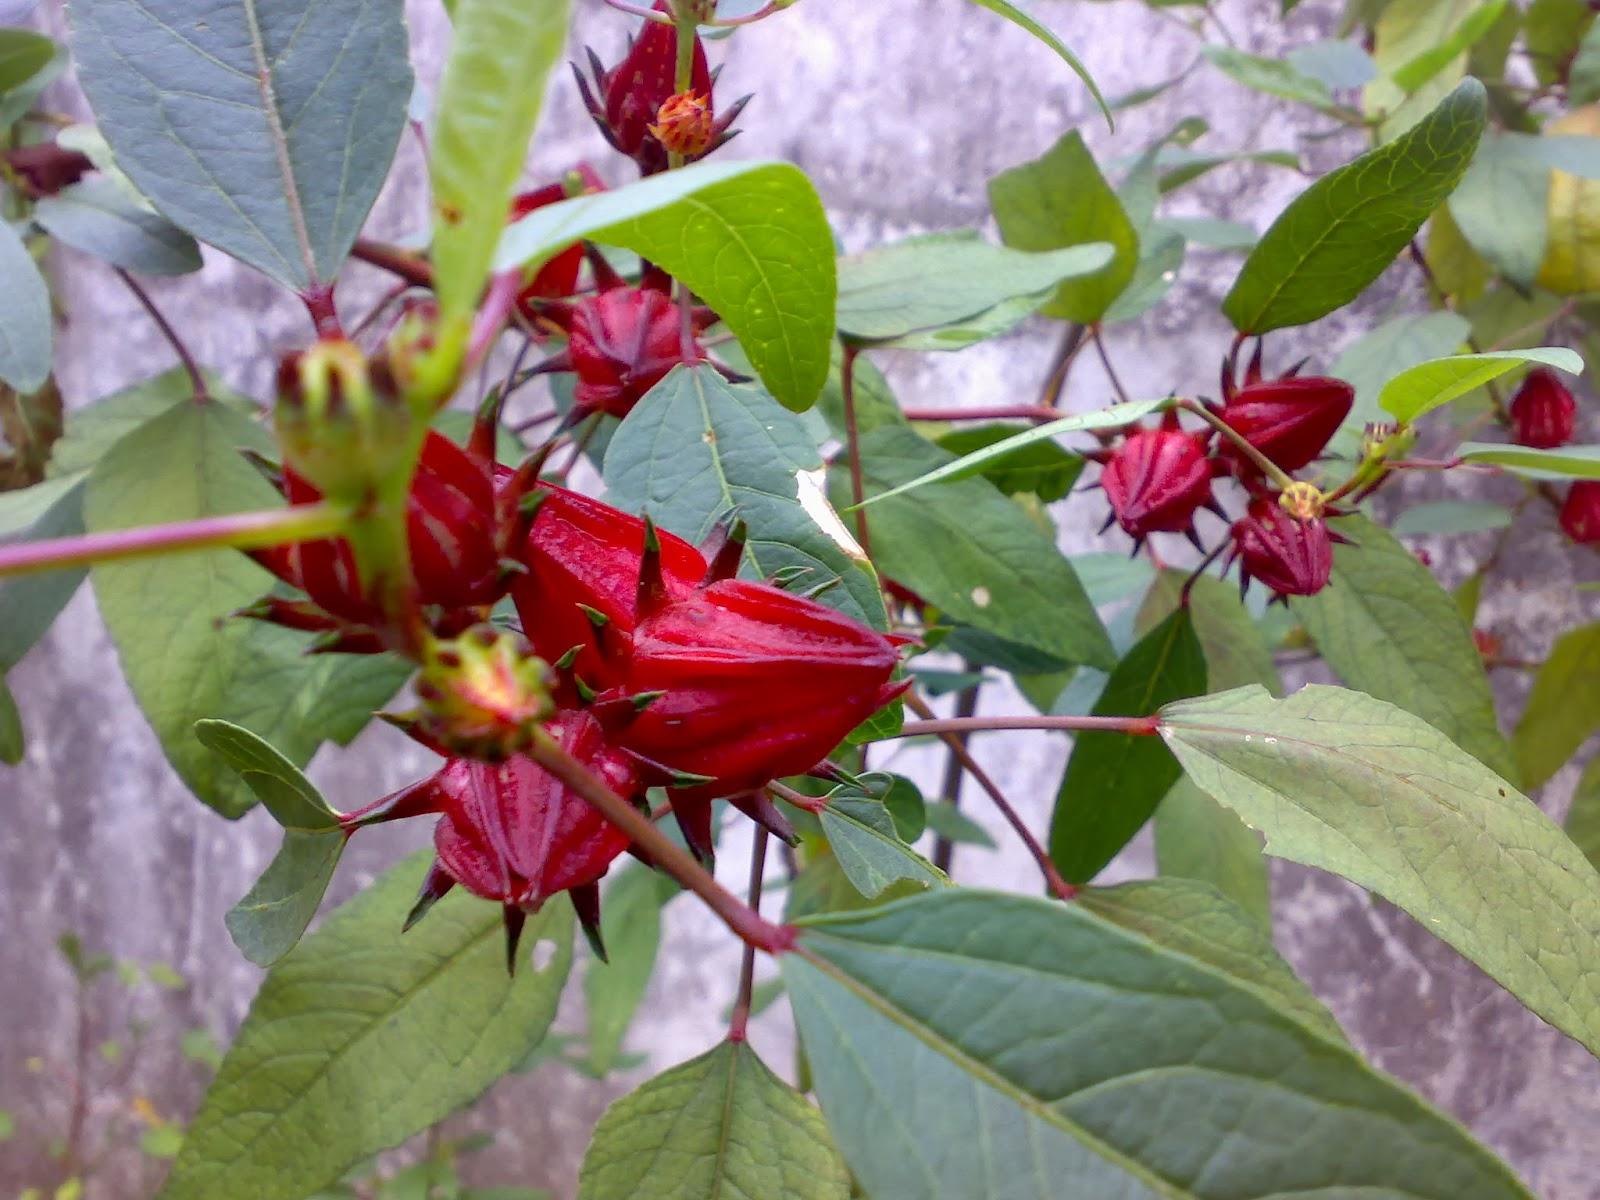 Manfaat Teh Rosella Merah Untuk Diet